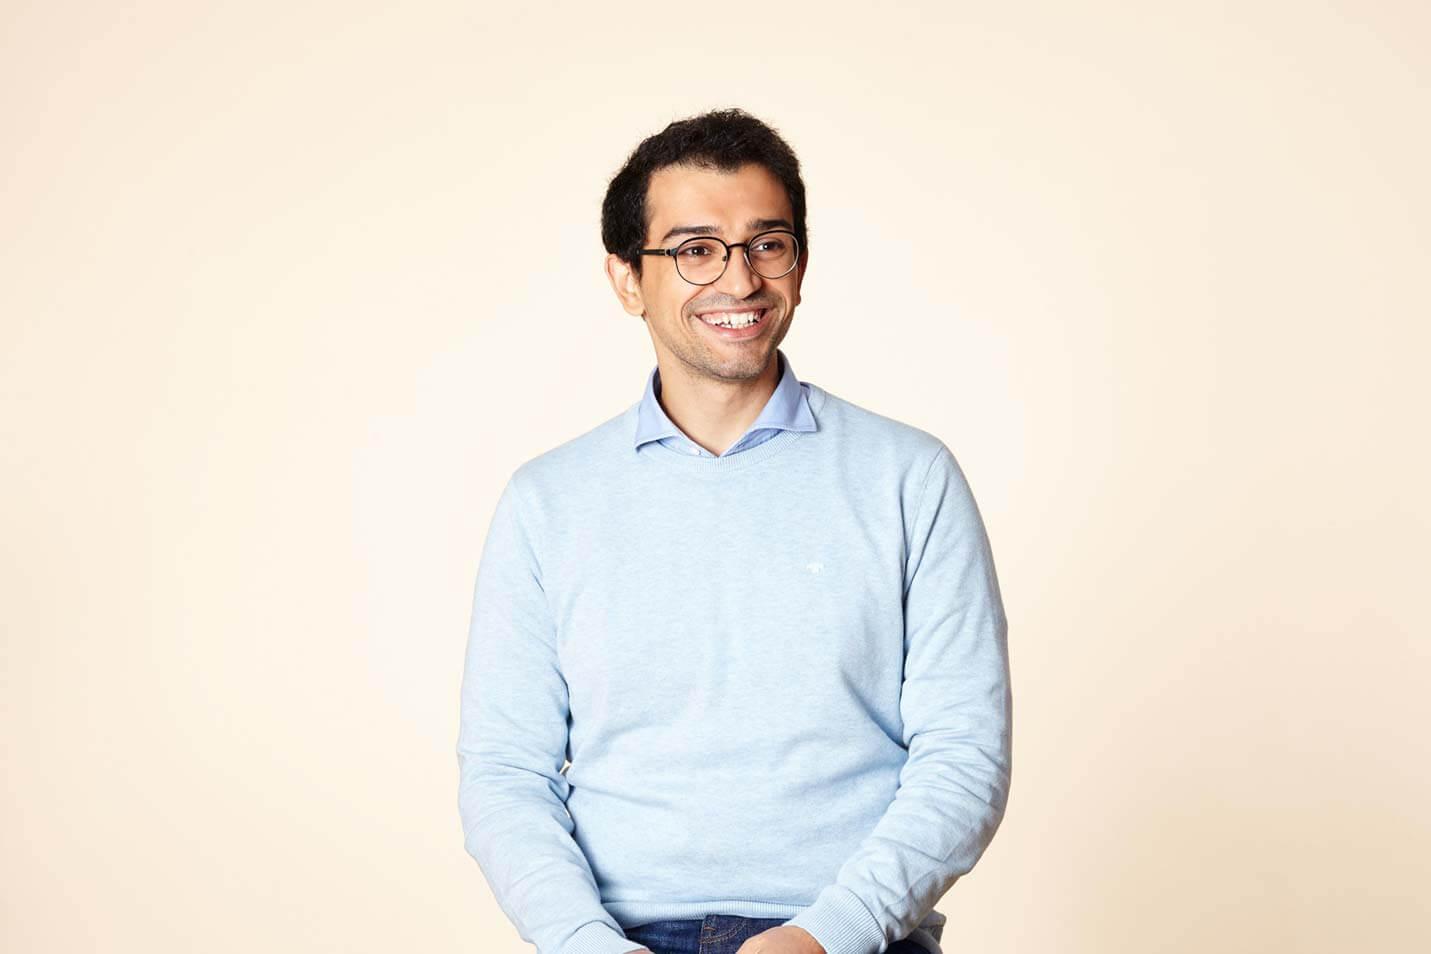 Masoud Karimnia